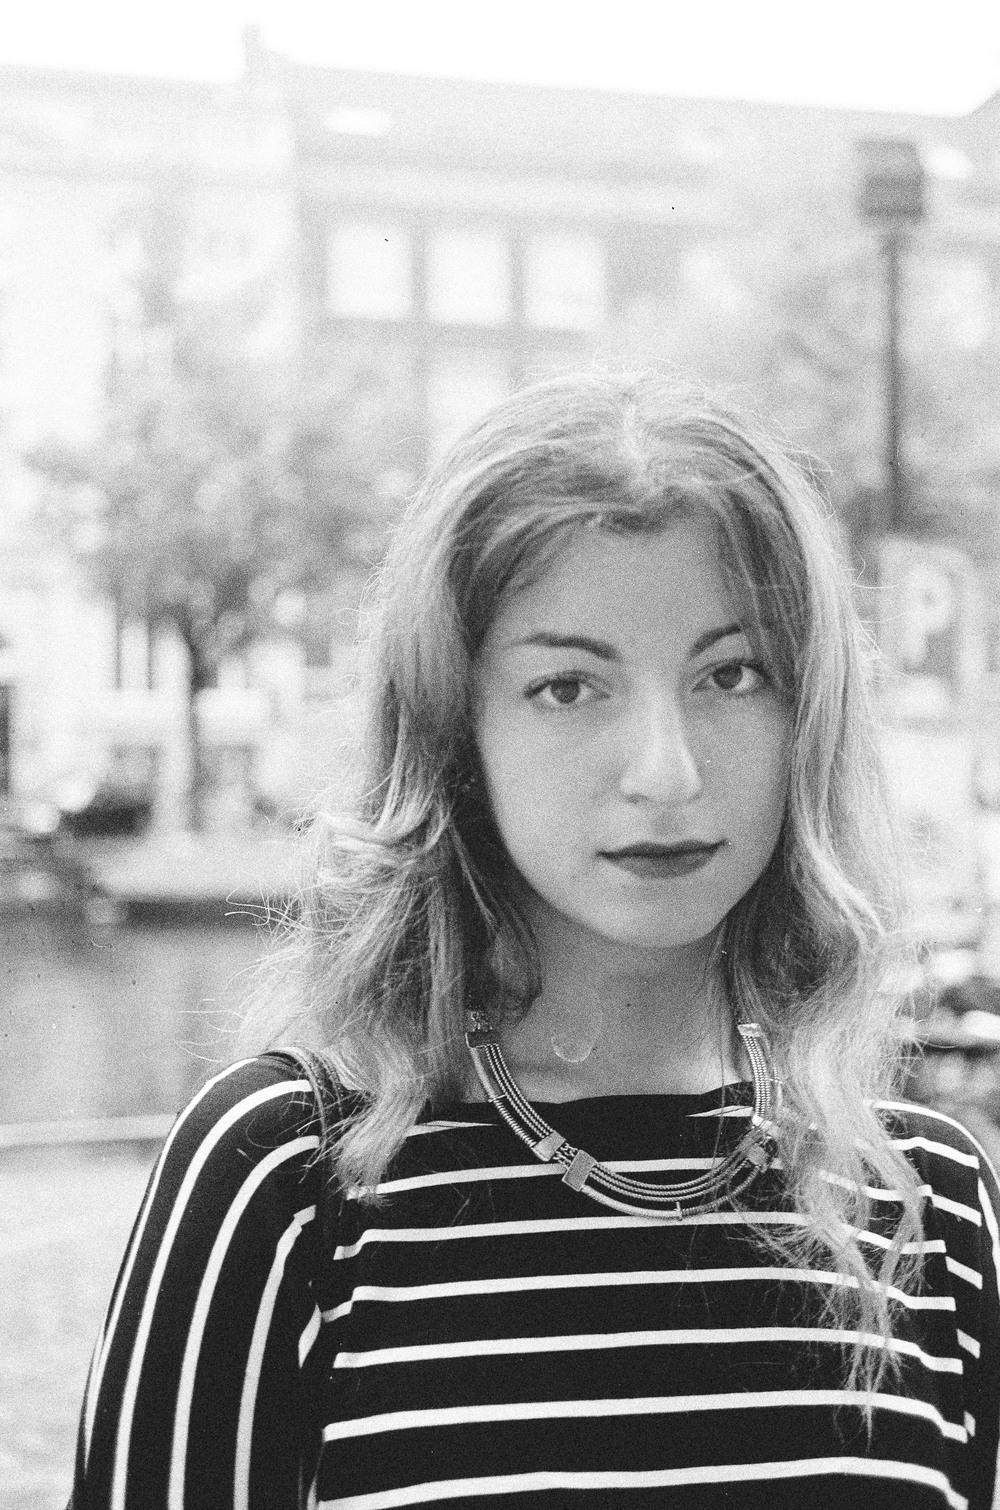 Amsterdam_Daria.jpg